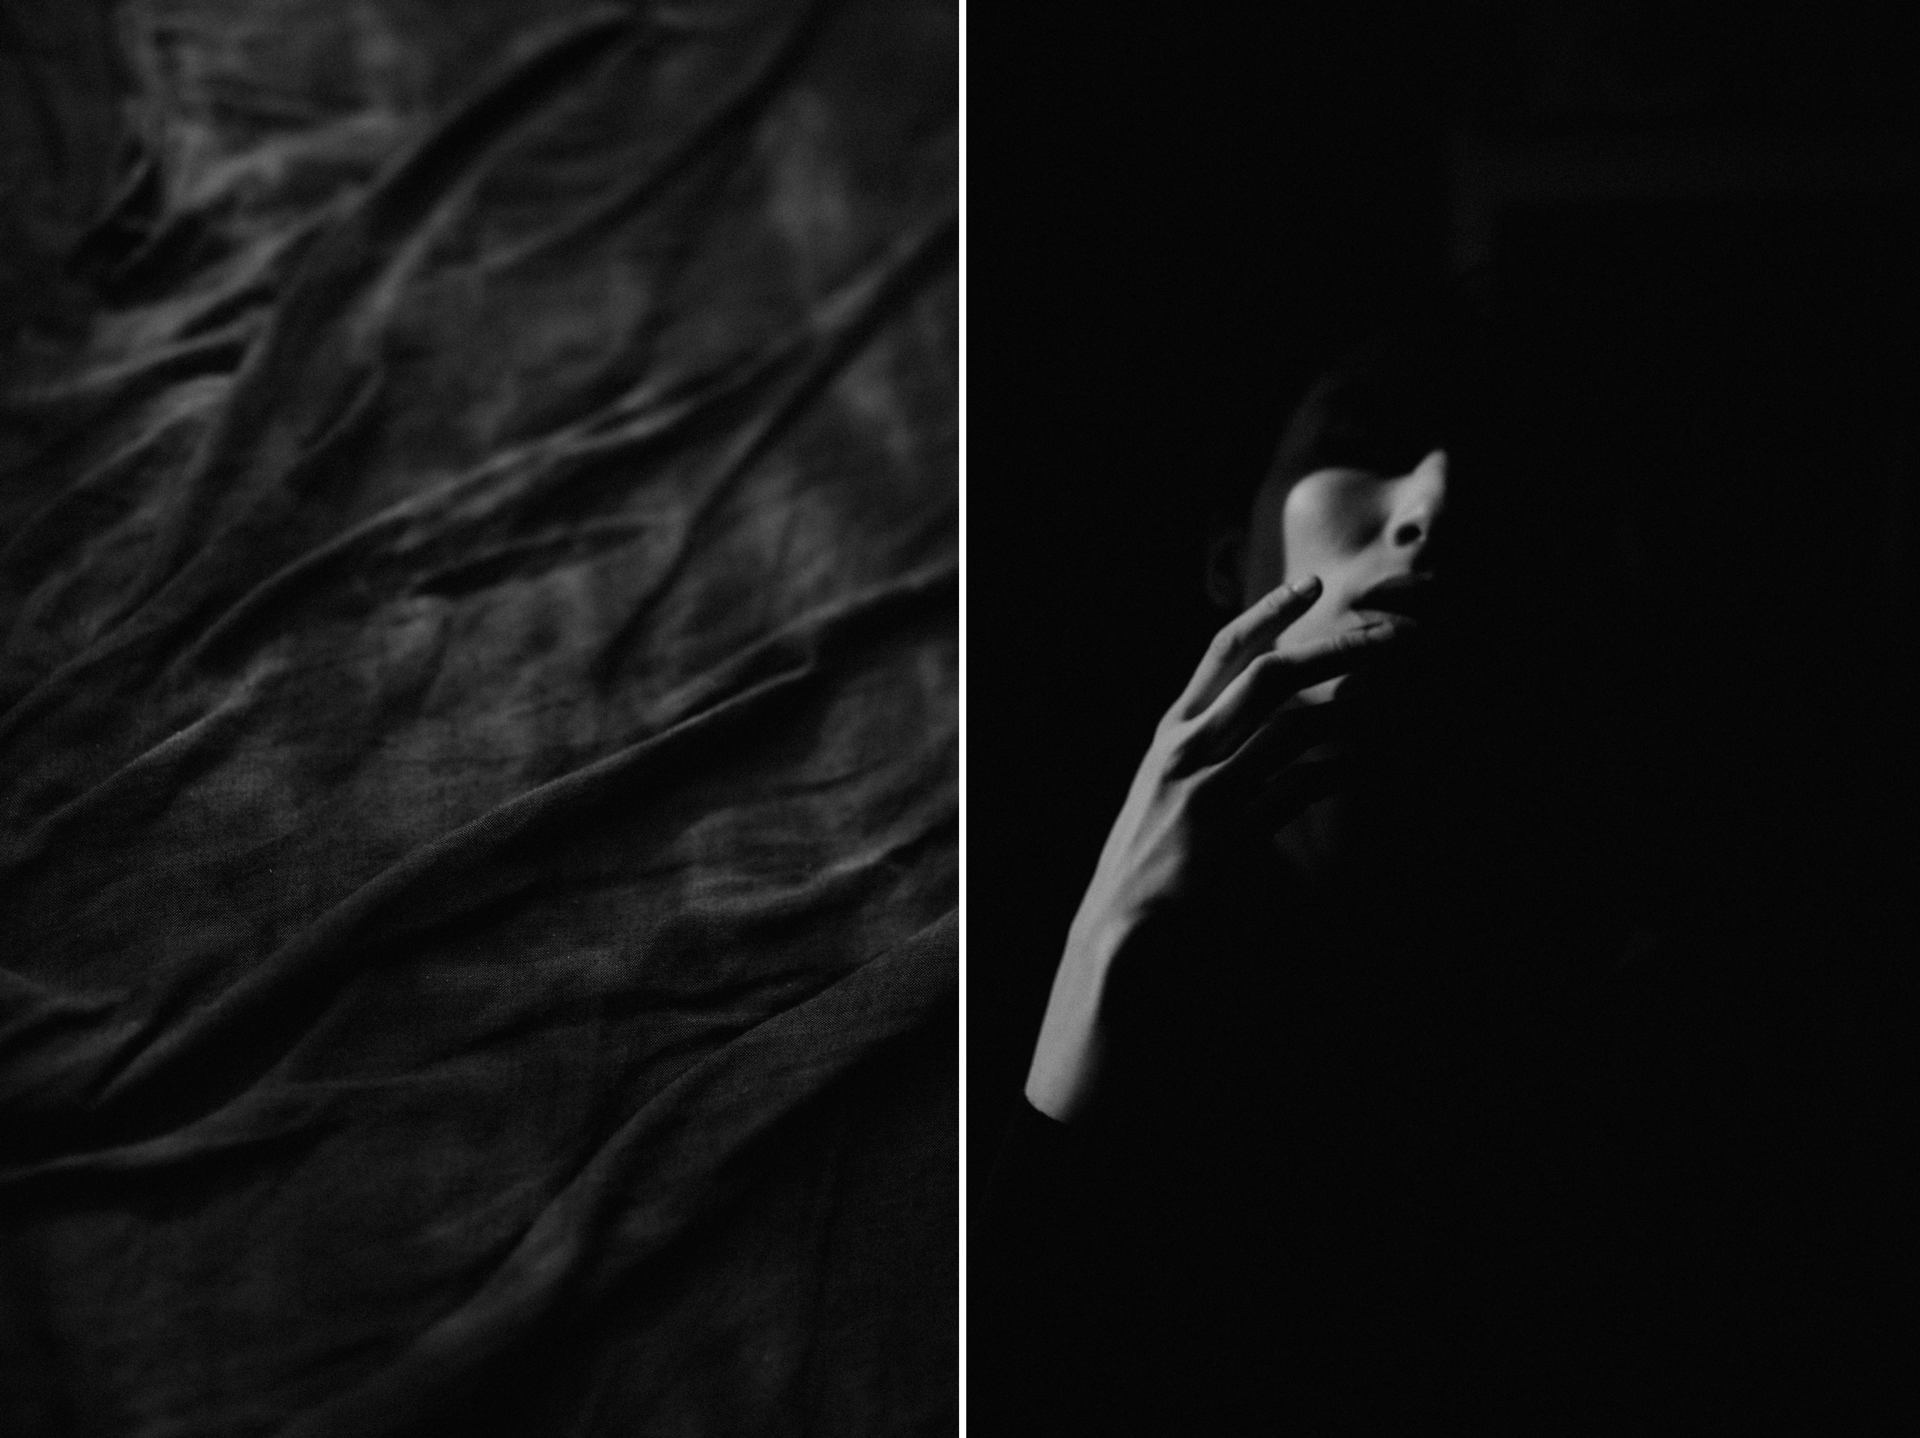 likabanshoya-poetic-photography-diptyque-2.jpg